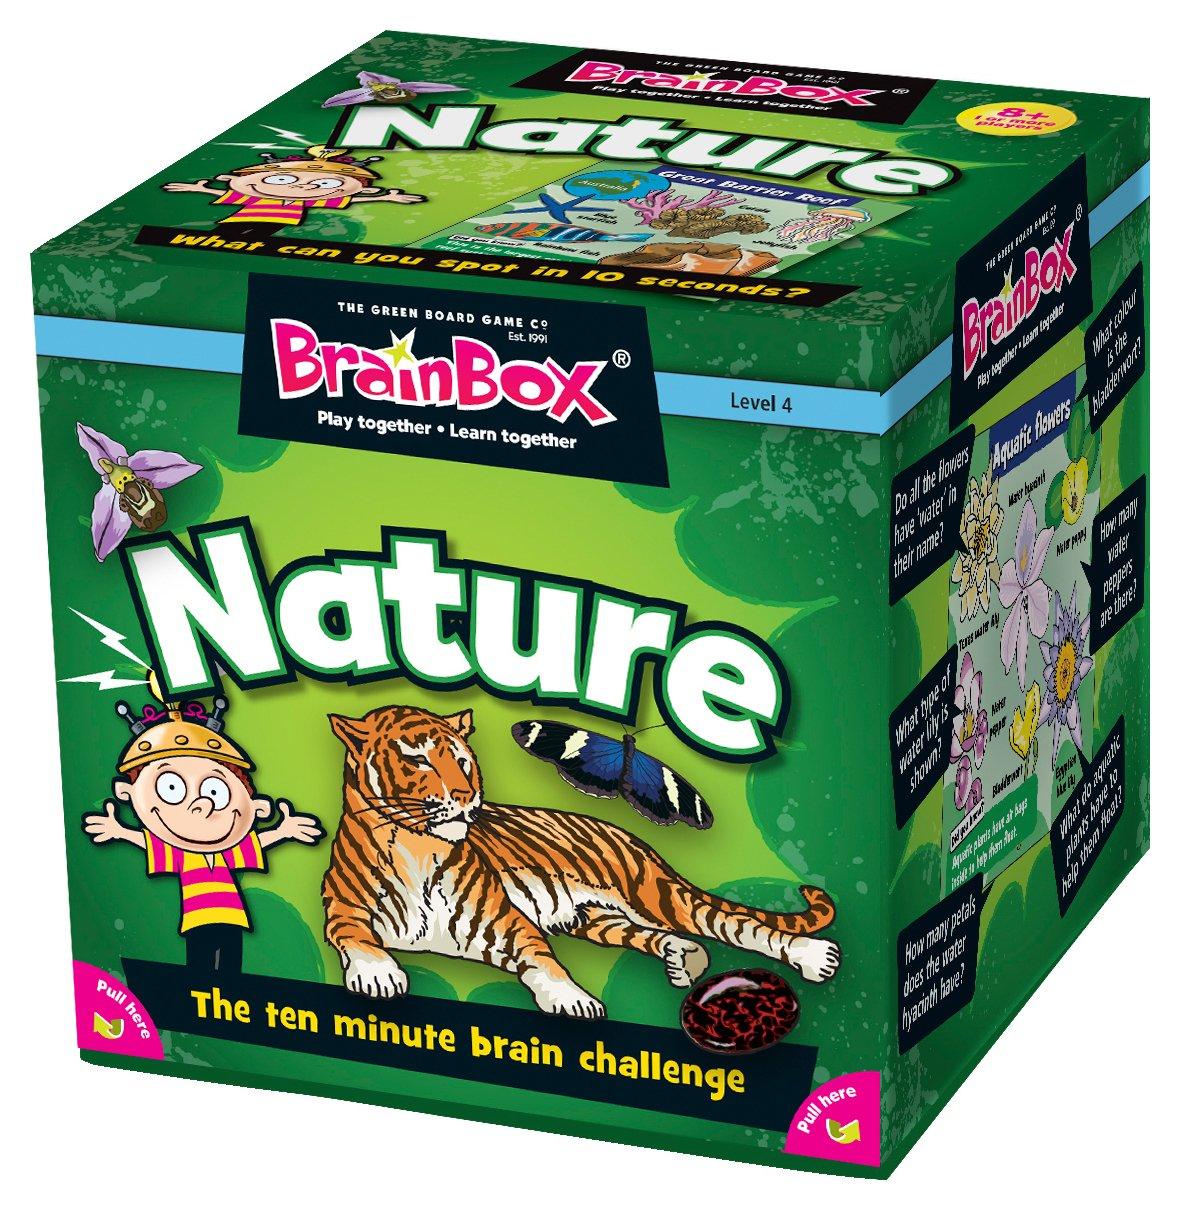 Image of BrainBox Nature.